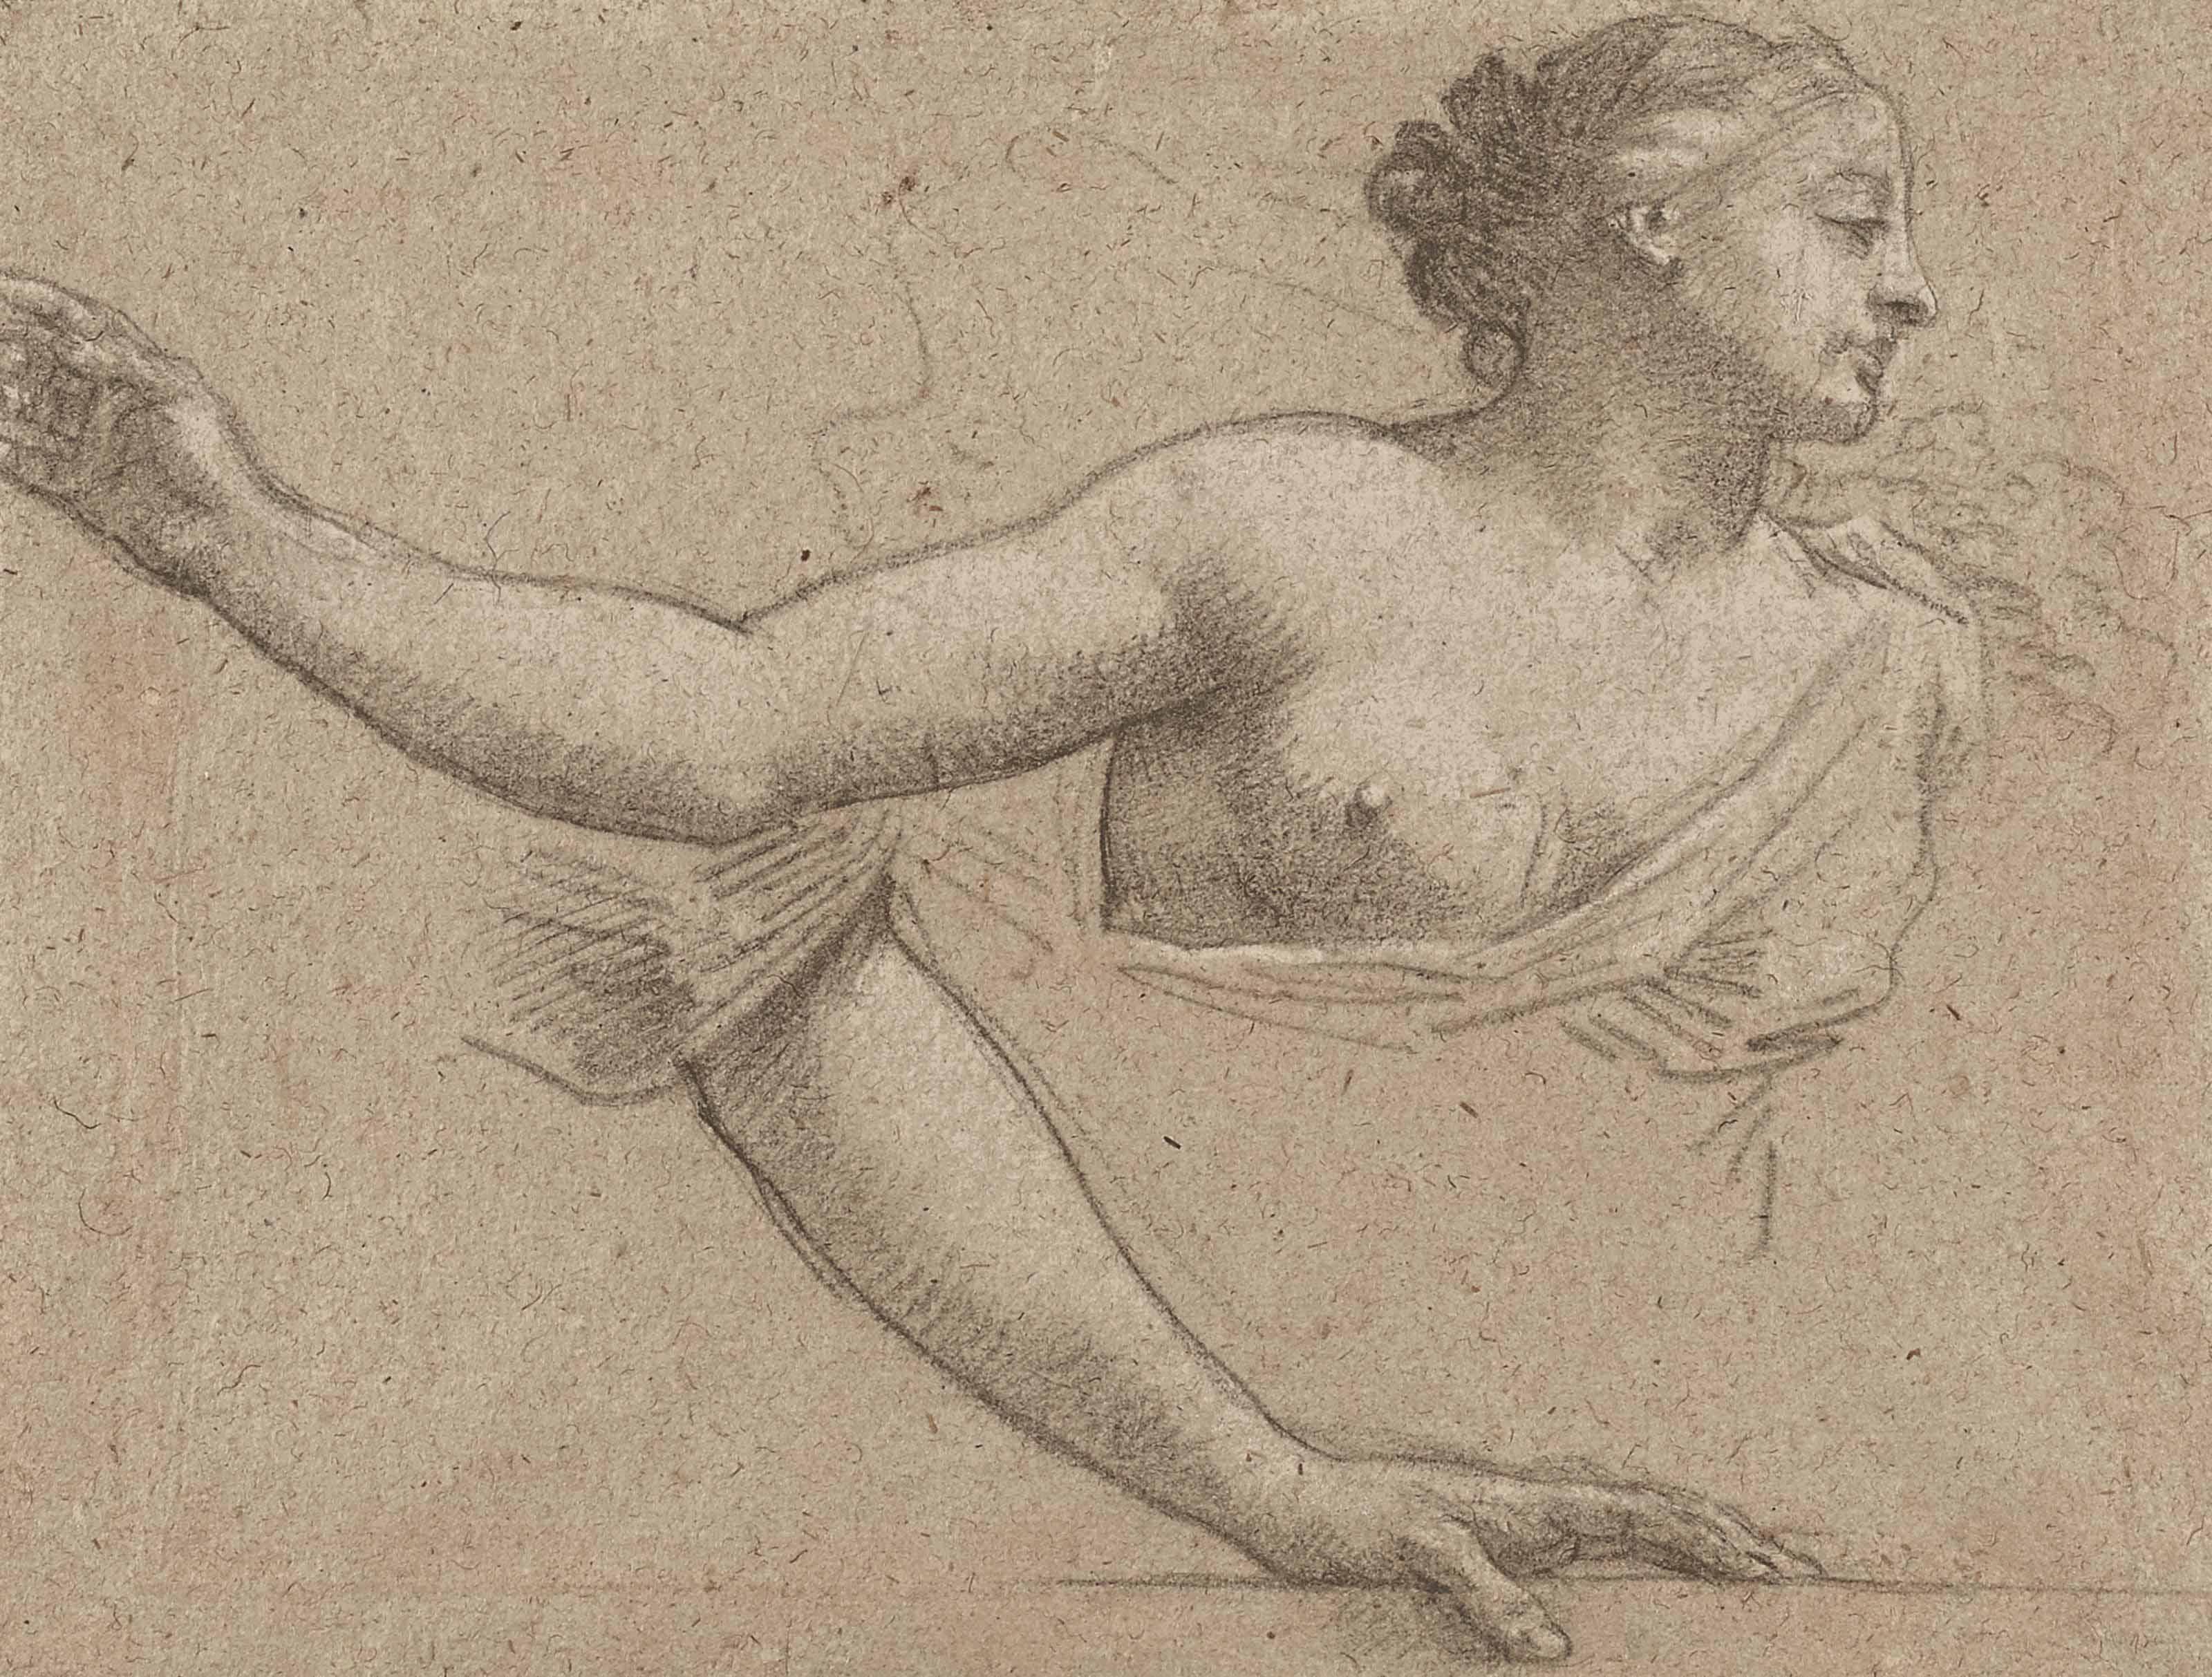 Etude de femme en buste, main droite allongée et étude subsidiaire d'un bras gauche